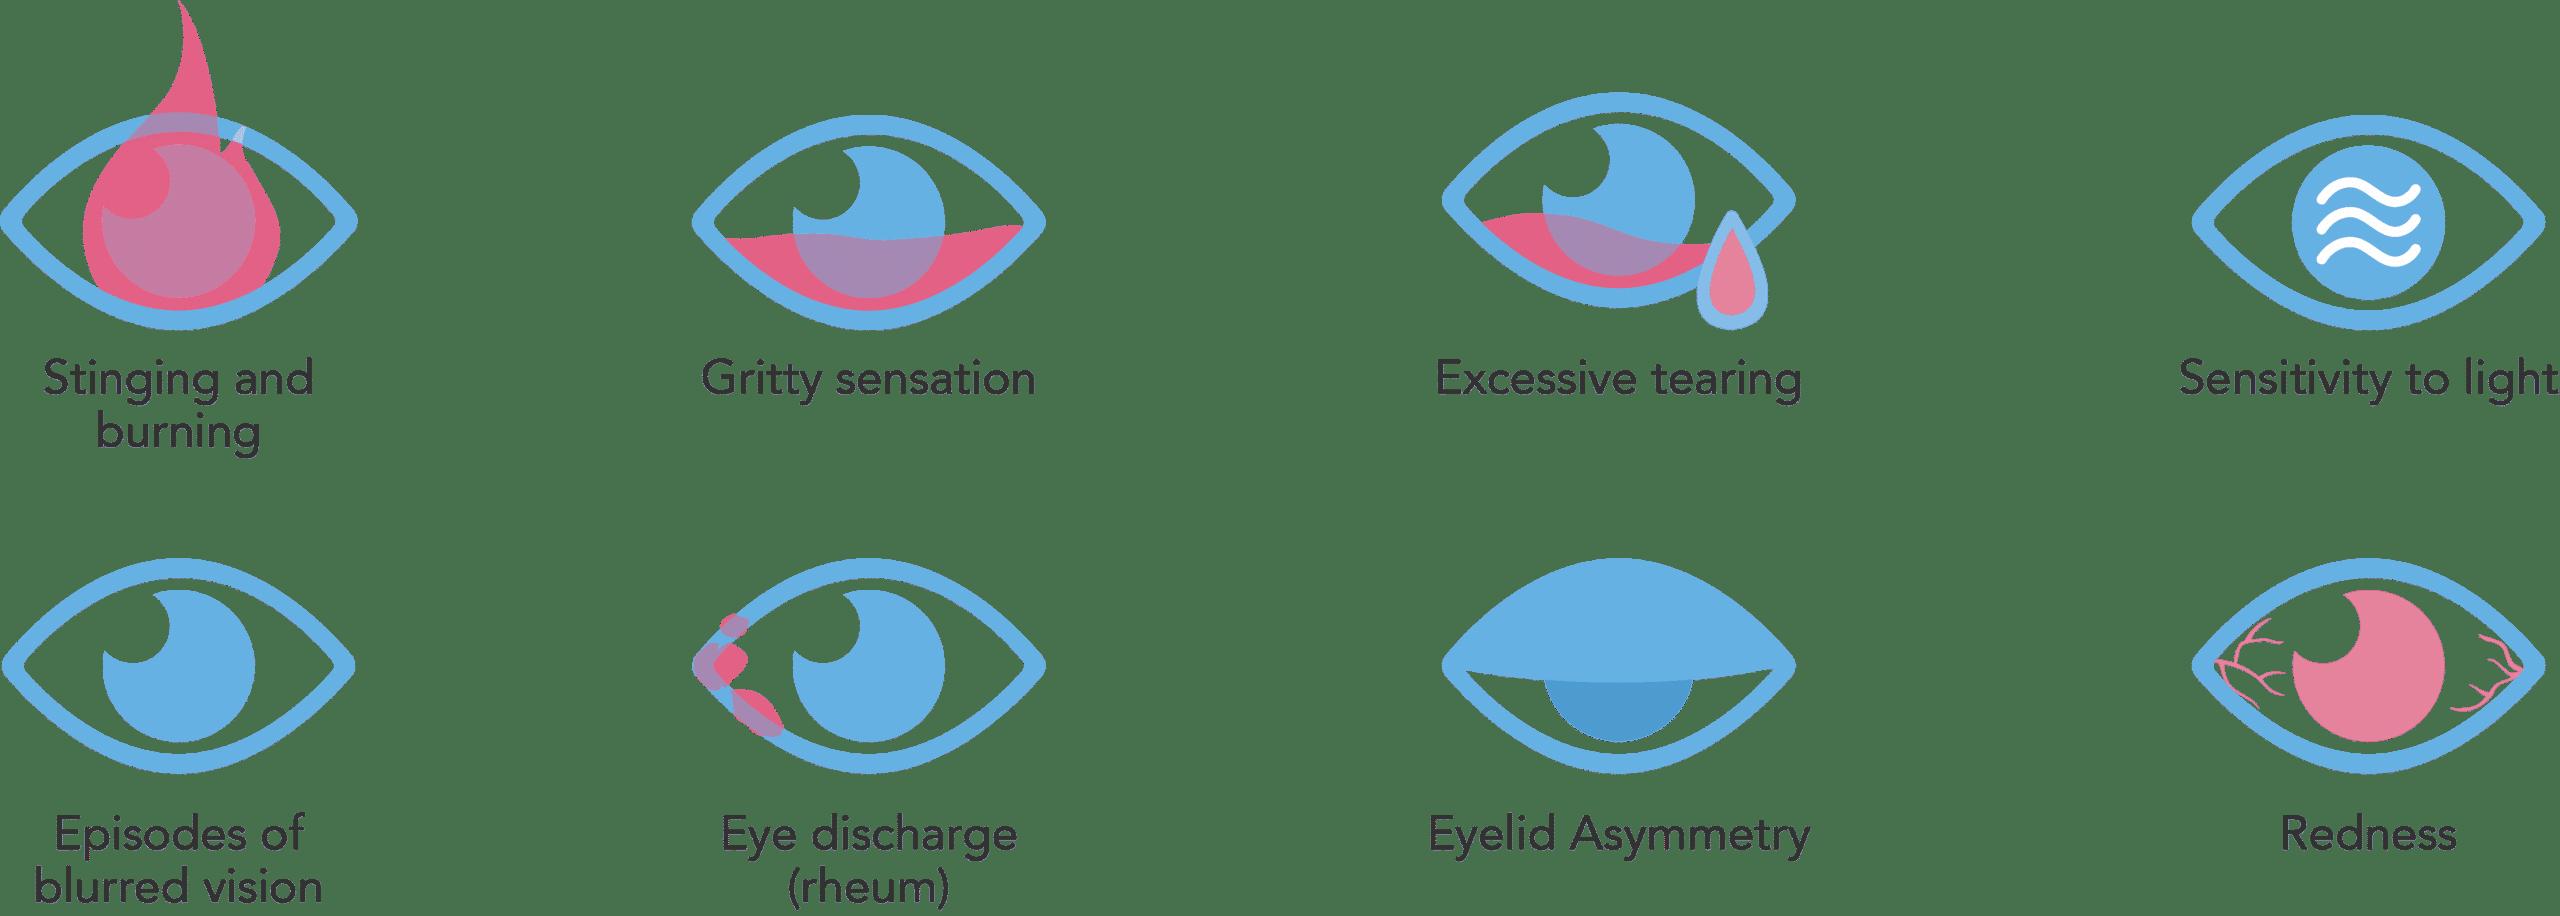 Surgery_Web_ENG_Dry eye symptom